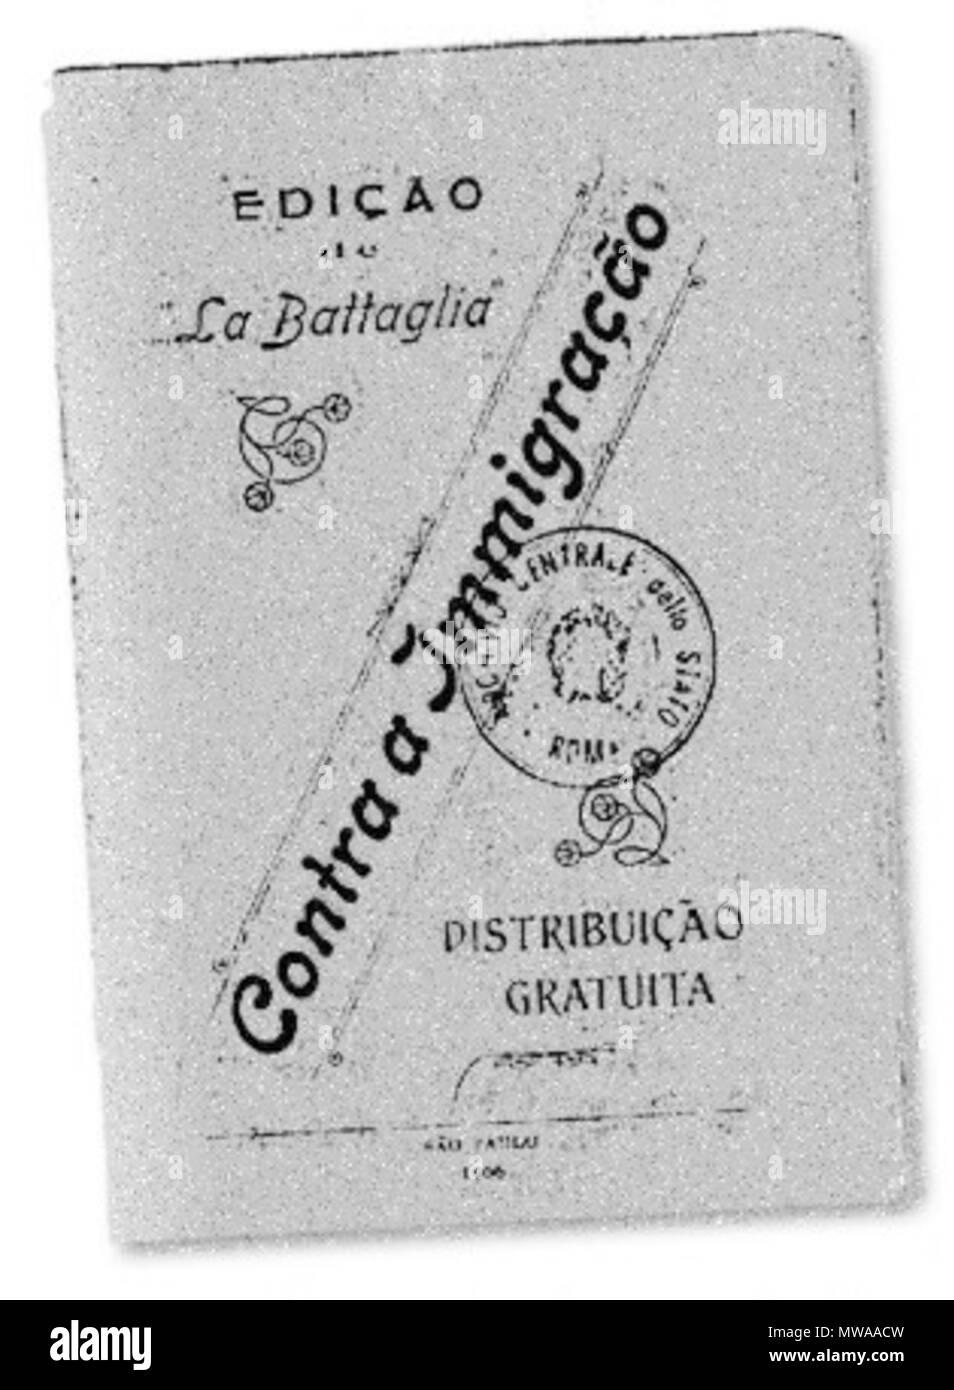 . Português: Edição da revista libertária La Battaglia editada por Oreste Ristori em 1906 . 1906. Oreste Ristori 142 ContraMigra - Stock Image